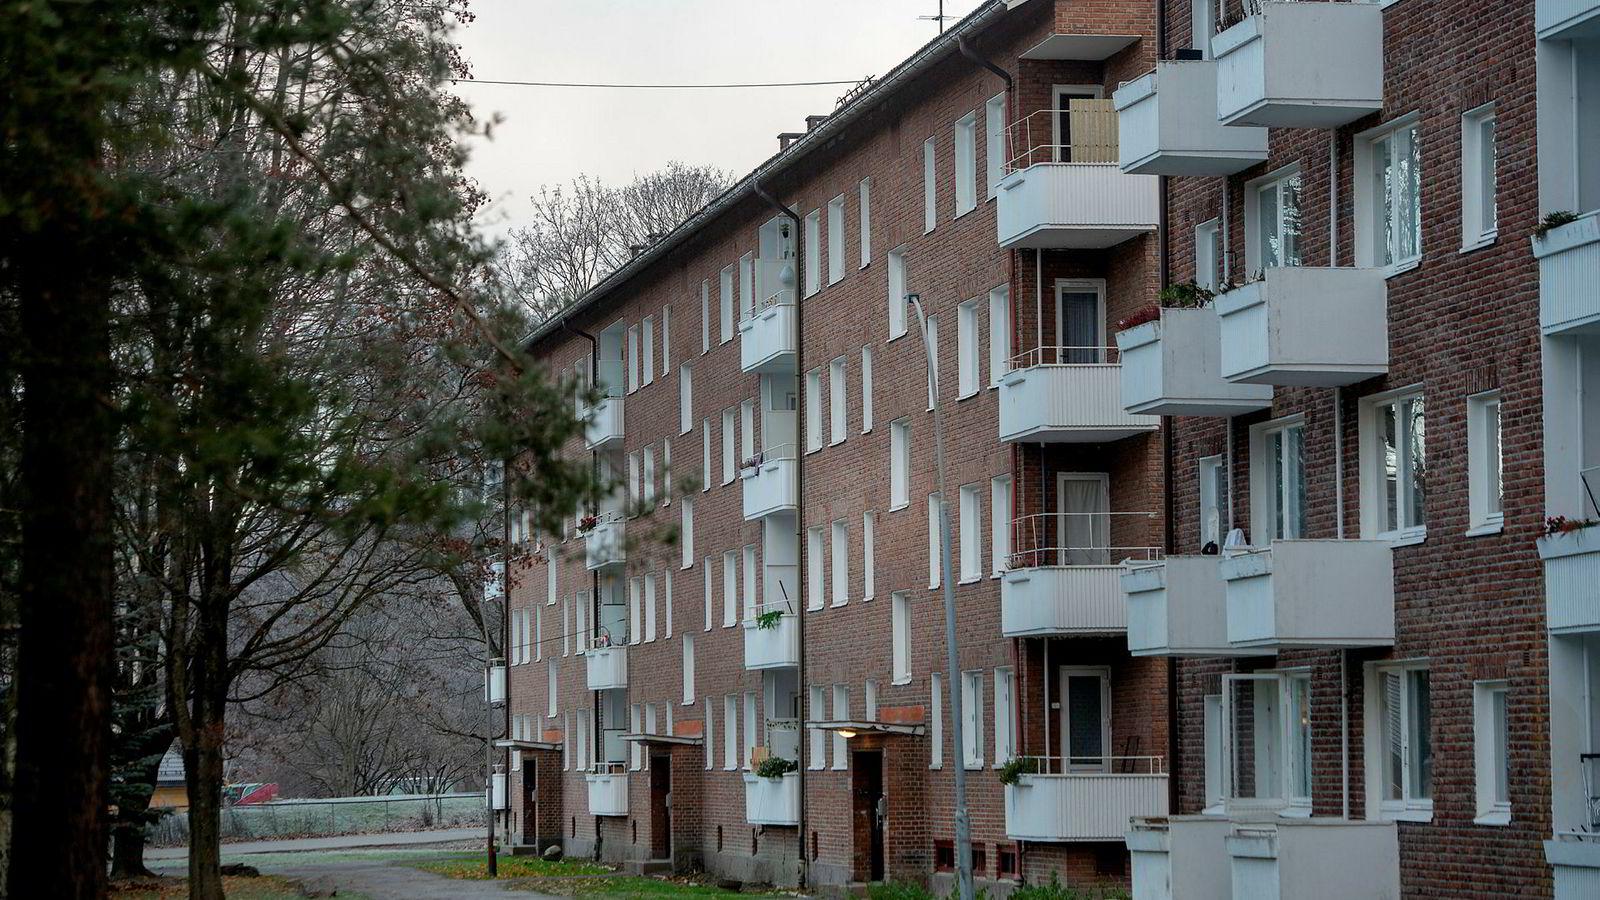 Eiendomsselskapet Fredensborg har unnlatt å melde eiendomsoverdragelser av leiegårder til Oslo kommune slik de plikter etter Leiegårdsloven fra 1977. Den over 40 år gamle loven gir nemlig kommuner en forkjøpsrett, enten på egne eller leietagernes vegne, til å kjøpe en leiegård som omsettes på det frie markedet. Her er Nedre Ullevål 3.